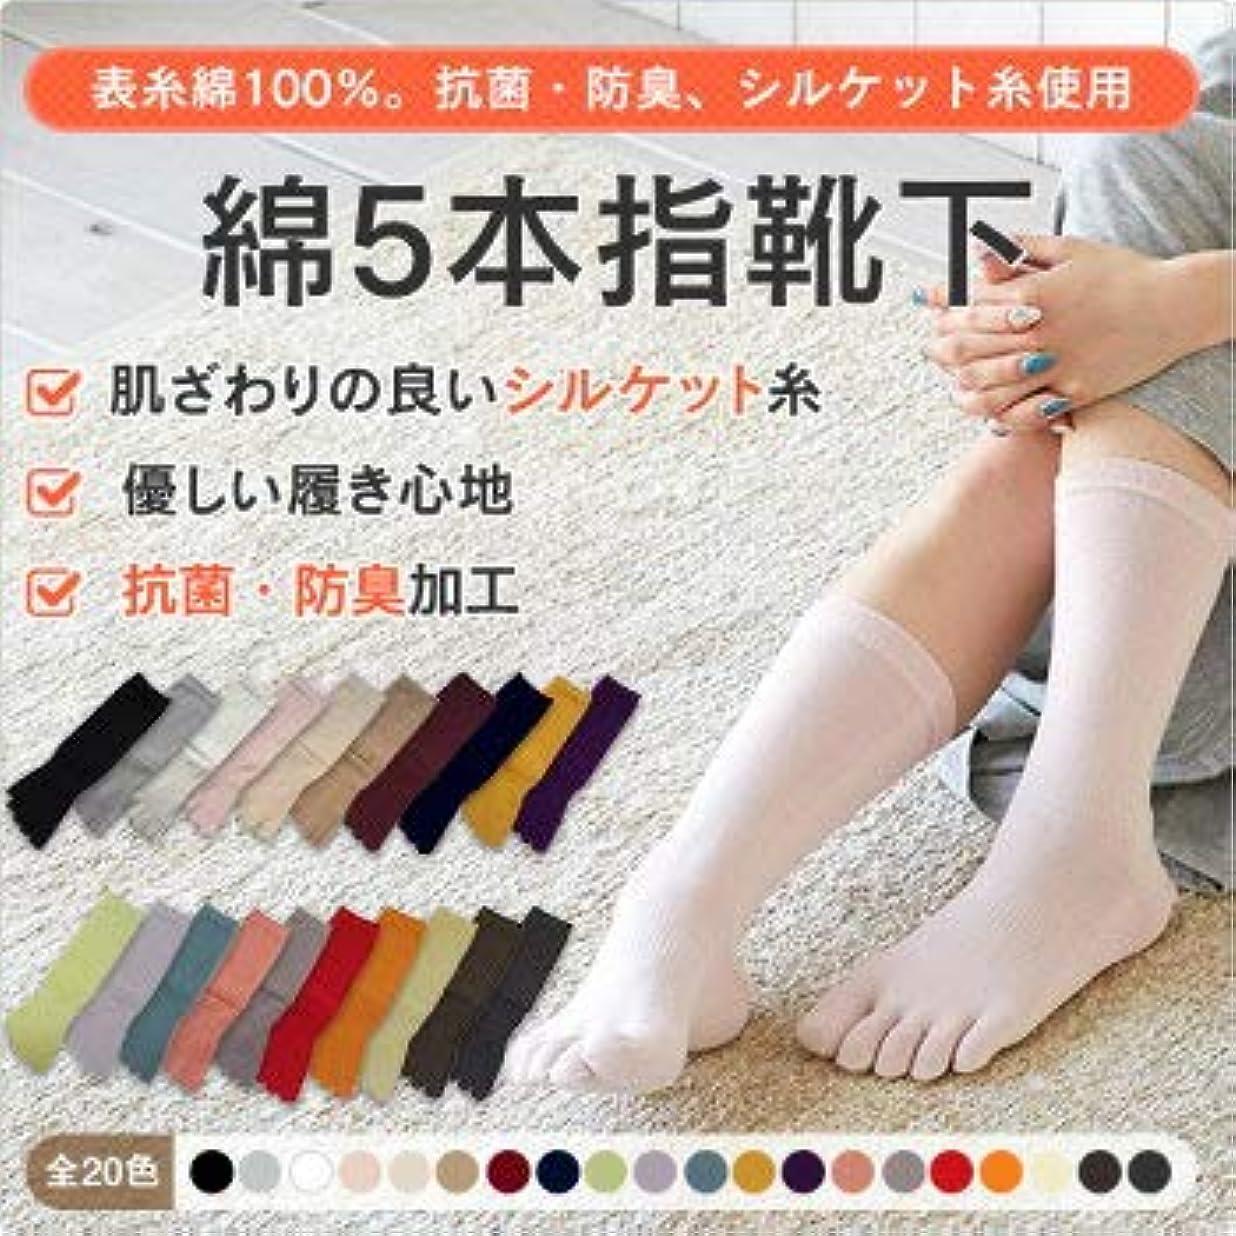 選べる5色 女性用 5本指 ソックス 抗菌防臭 加工 綿100%糸使用 5色組 老舗 靴下 メーカーのこだわり 23-25cm 太陽ニット 3205P